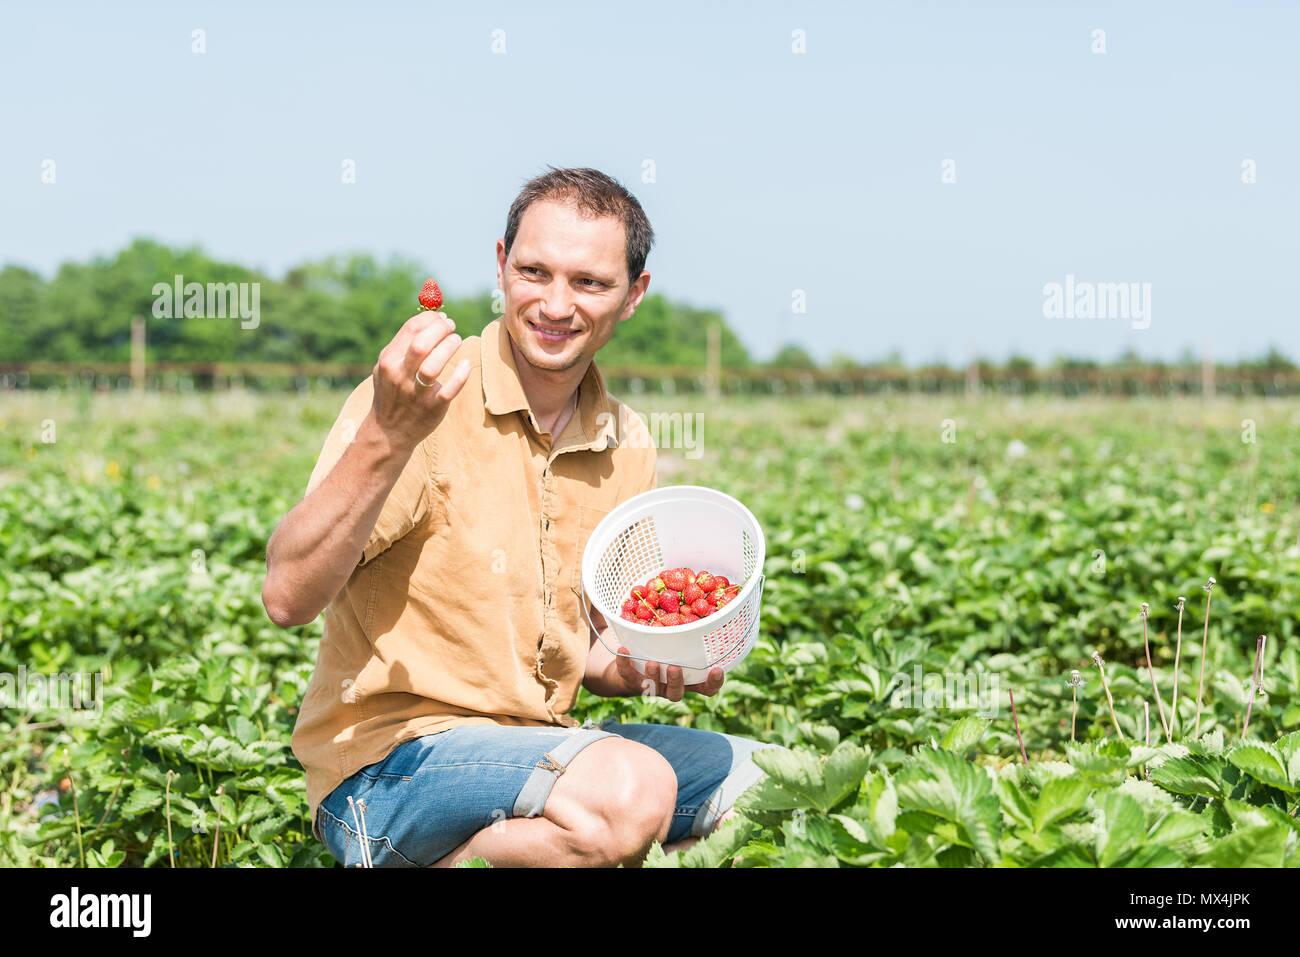 Young happy smiling man la cueillette des fraises dans les lignes de champ vert ferme, exerçant son panier de fruits rouges fruits au printemps, l'activité d'été Photo Stock